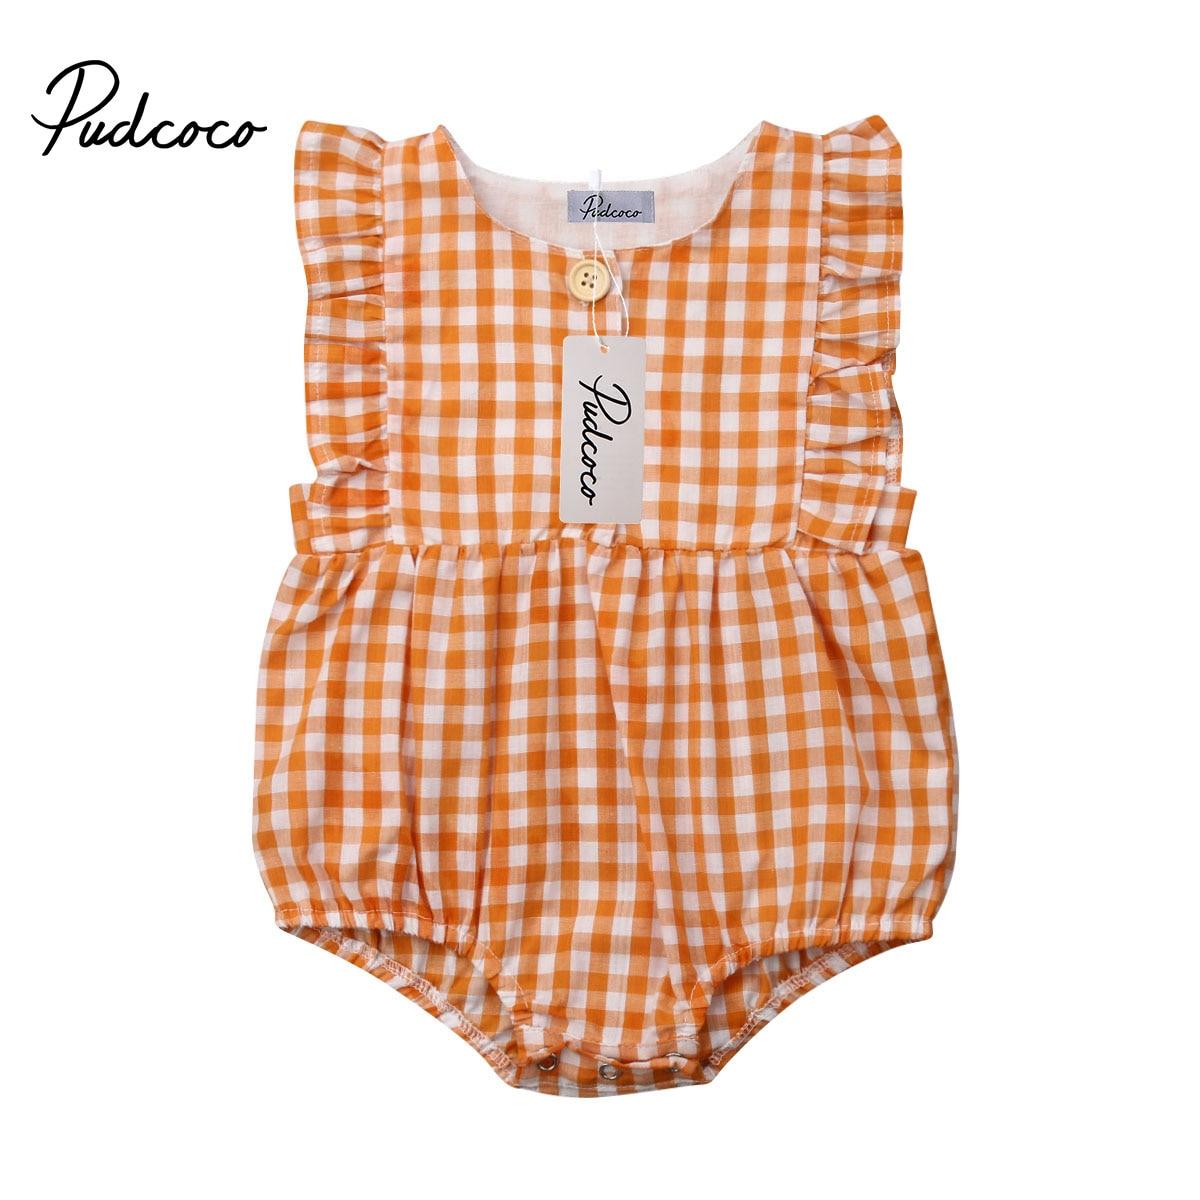 Pudcoco bebê recém-nascido da menina plissado xadrez macacão sem mangas macacão uma peça outfits sunsuit da criança menina verão roupas